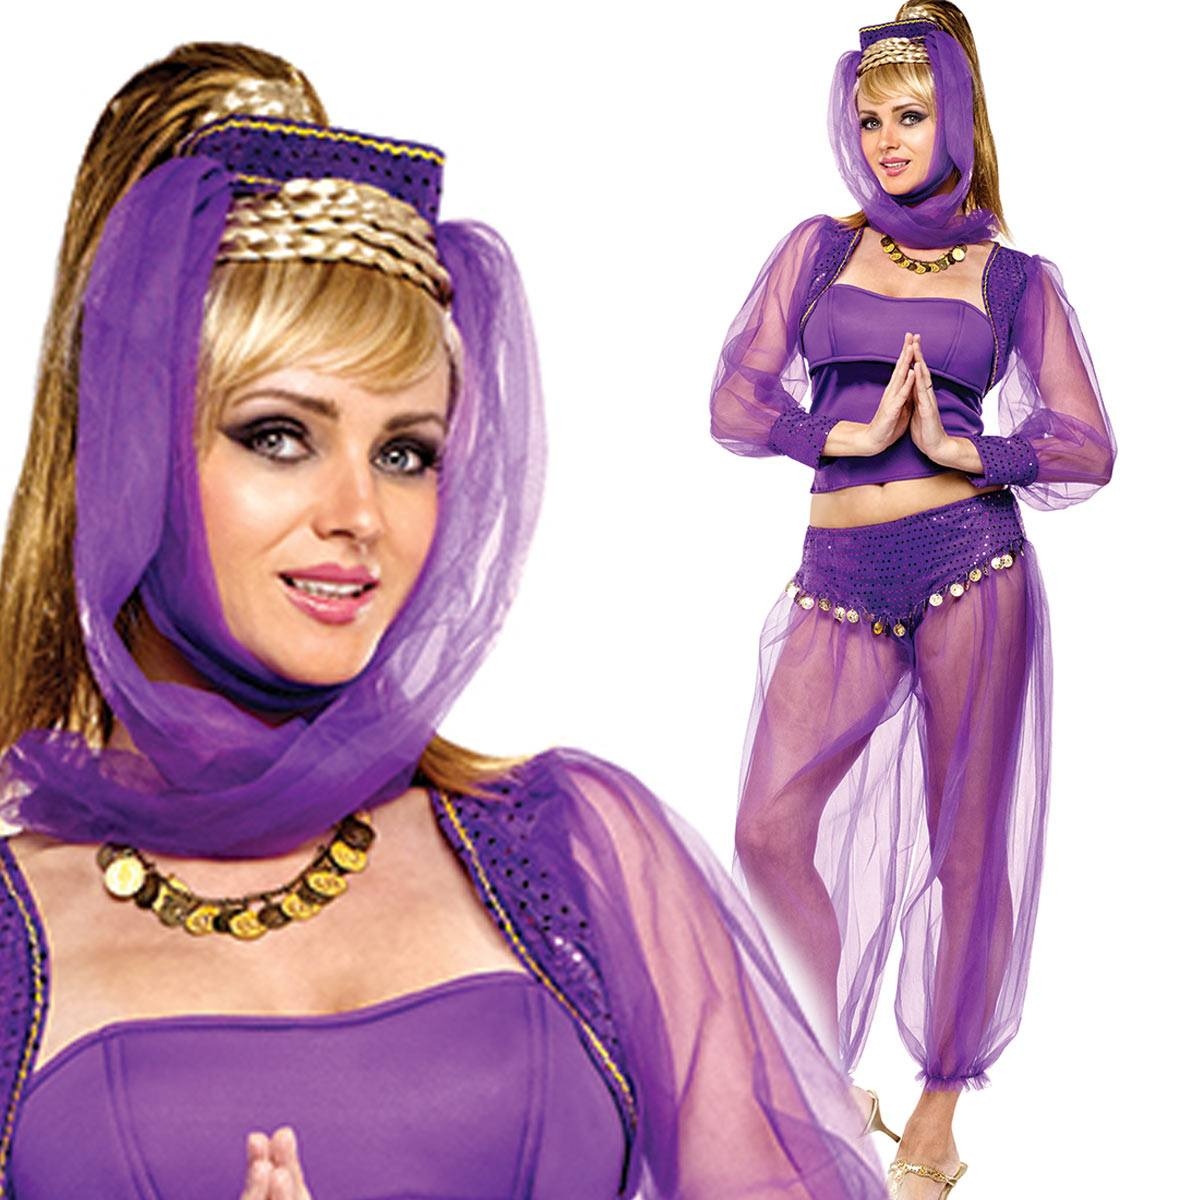 アラジン ジャスミン コスプレ コスチューム 衣装 大人 セクシー ドレス Aladdin